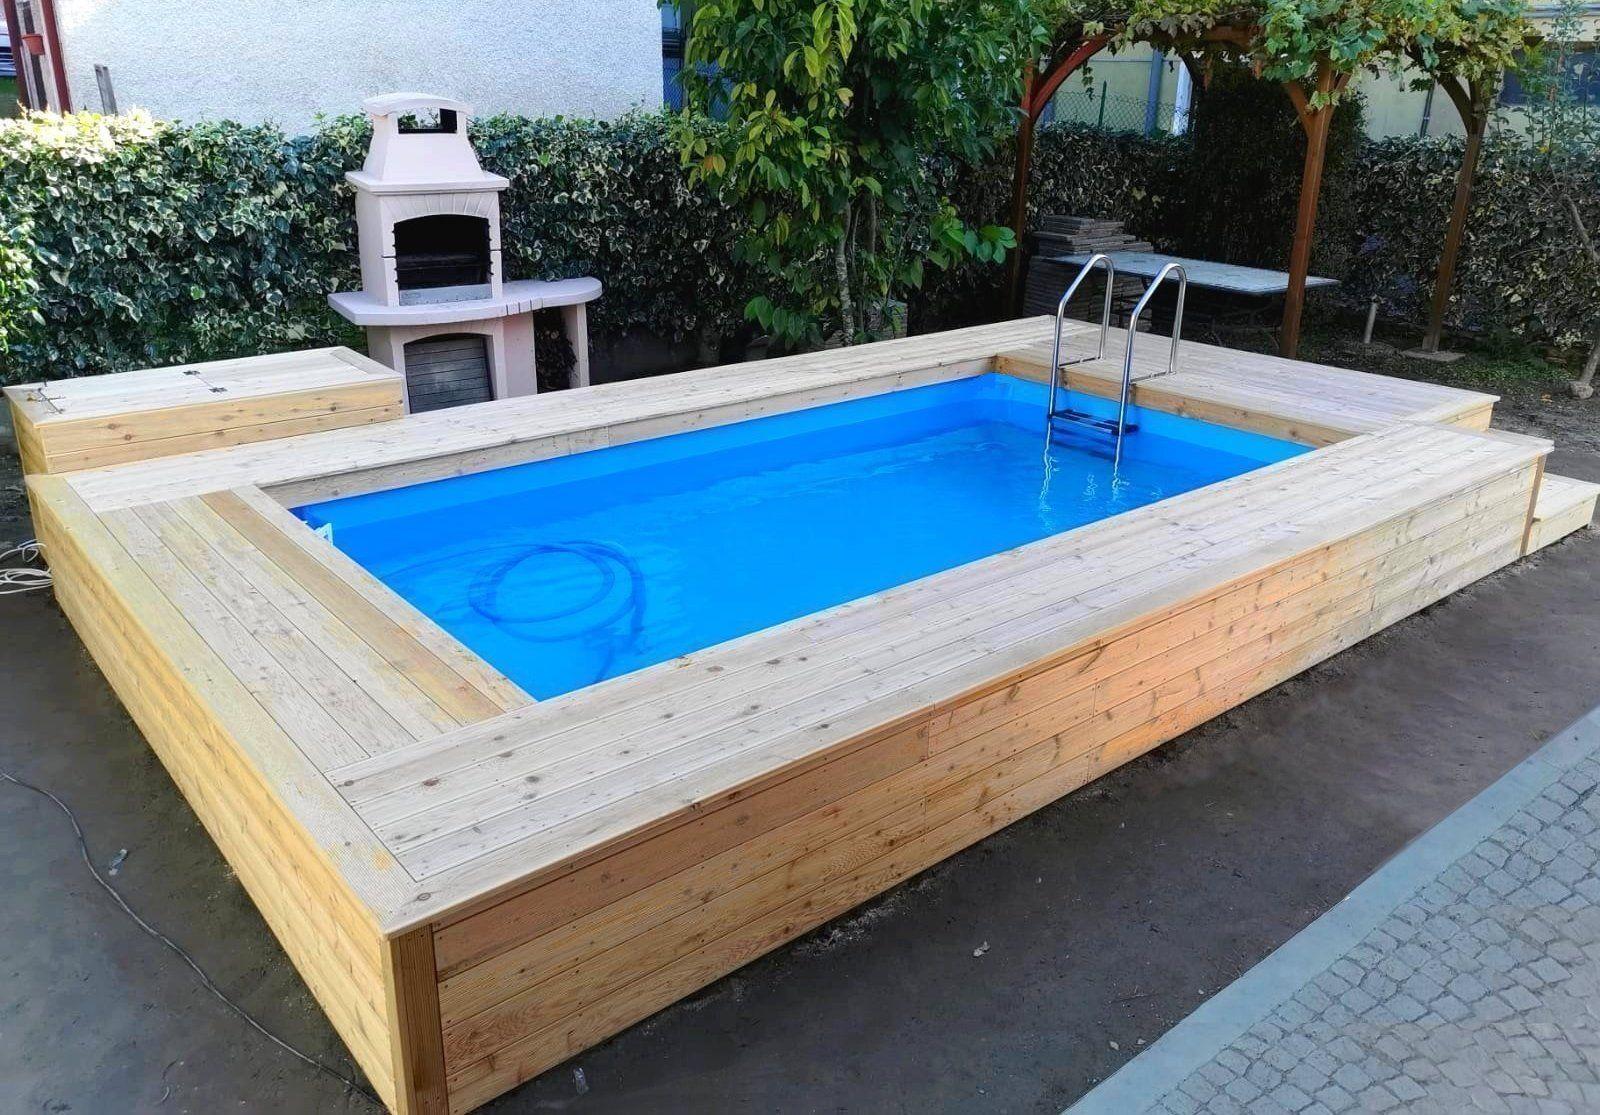 Piscine Da Esterno Rivestite In Legno piscina semi interrata con rivestimento e locale tecnico in